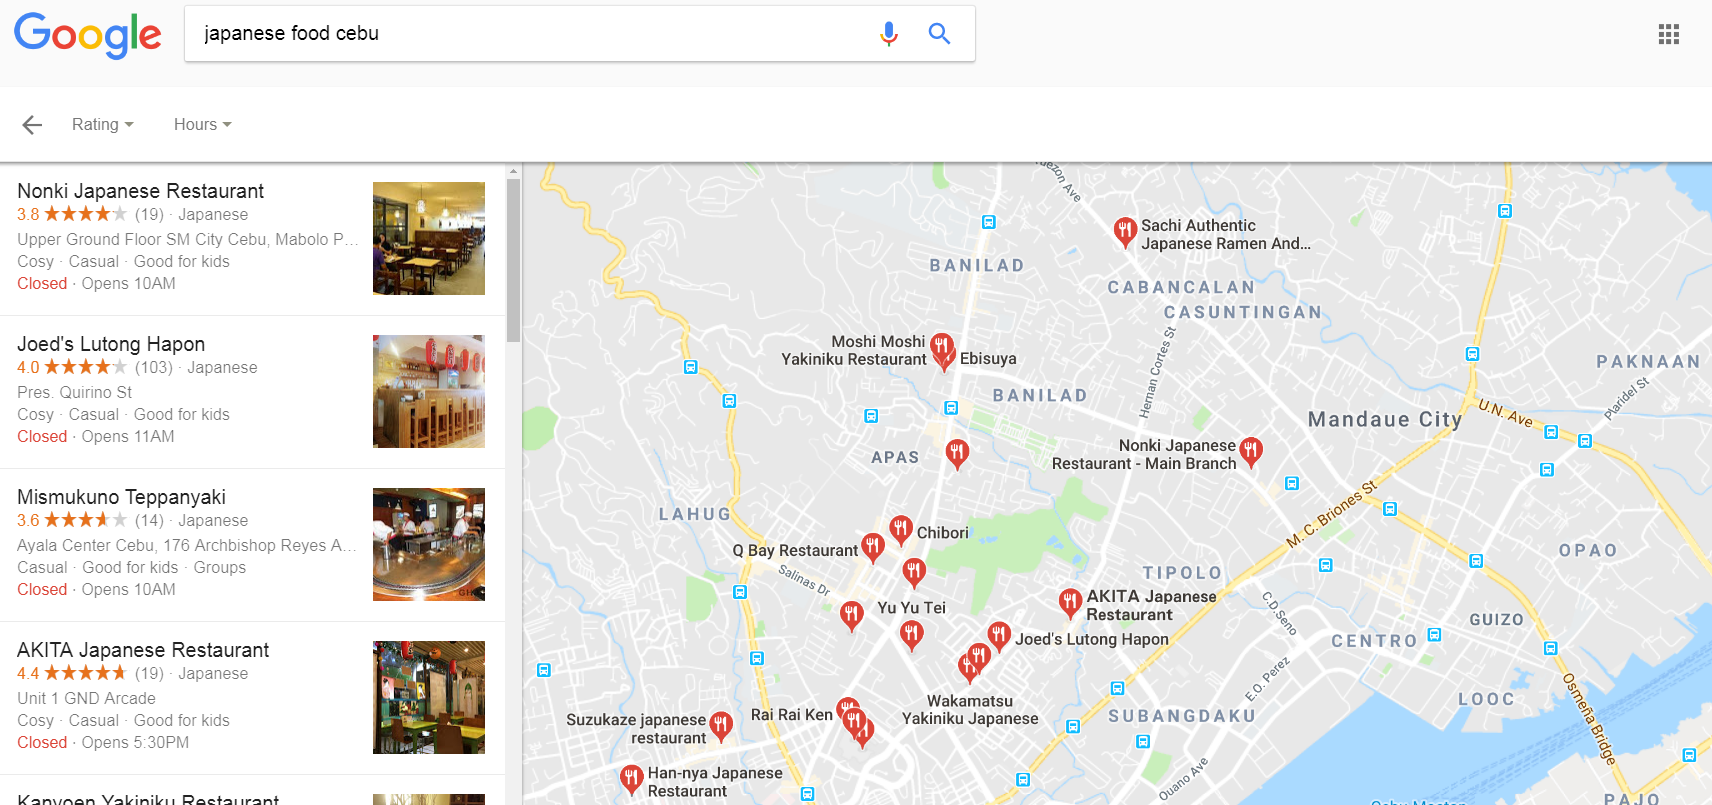 japanese food cebu